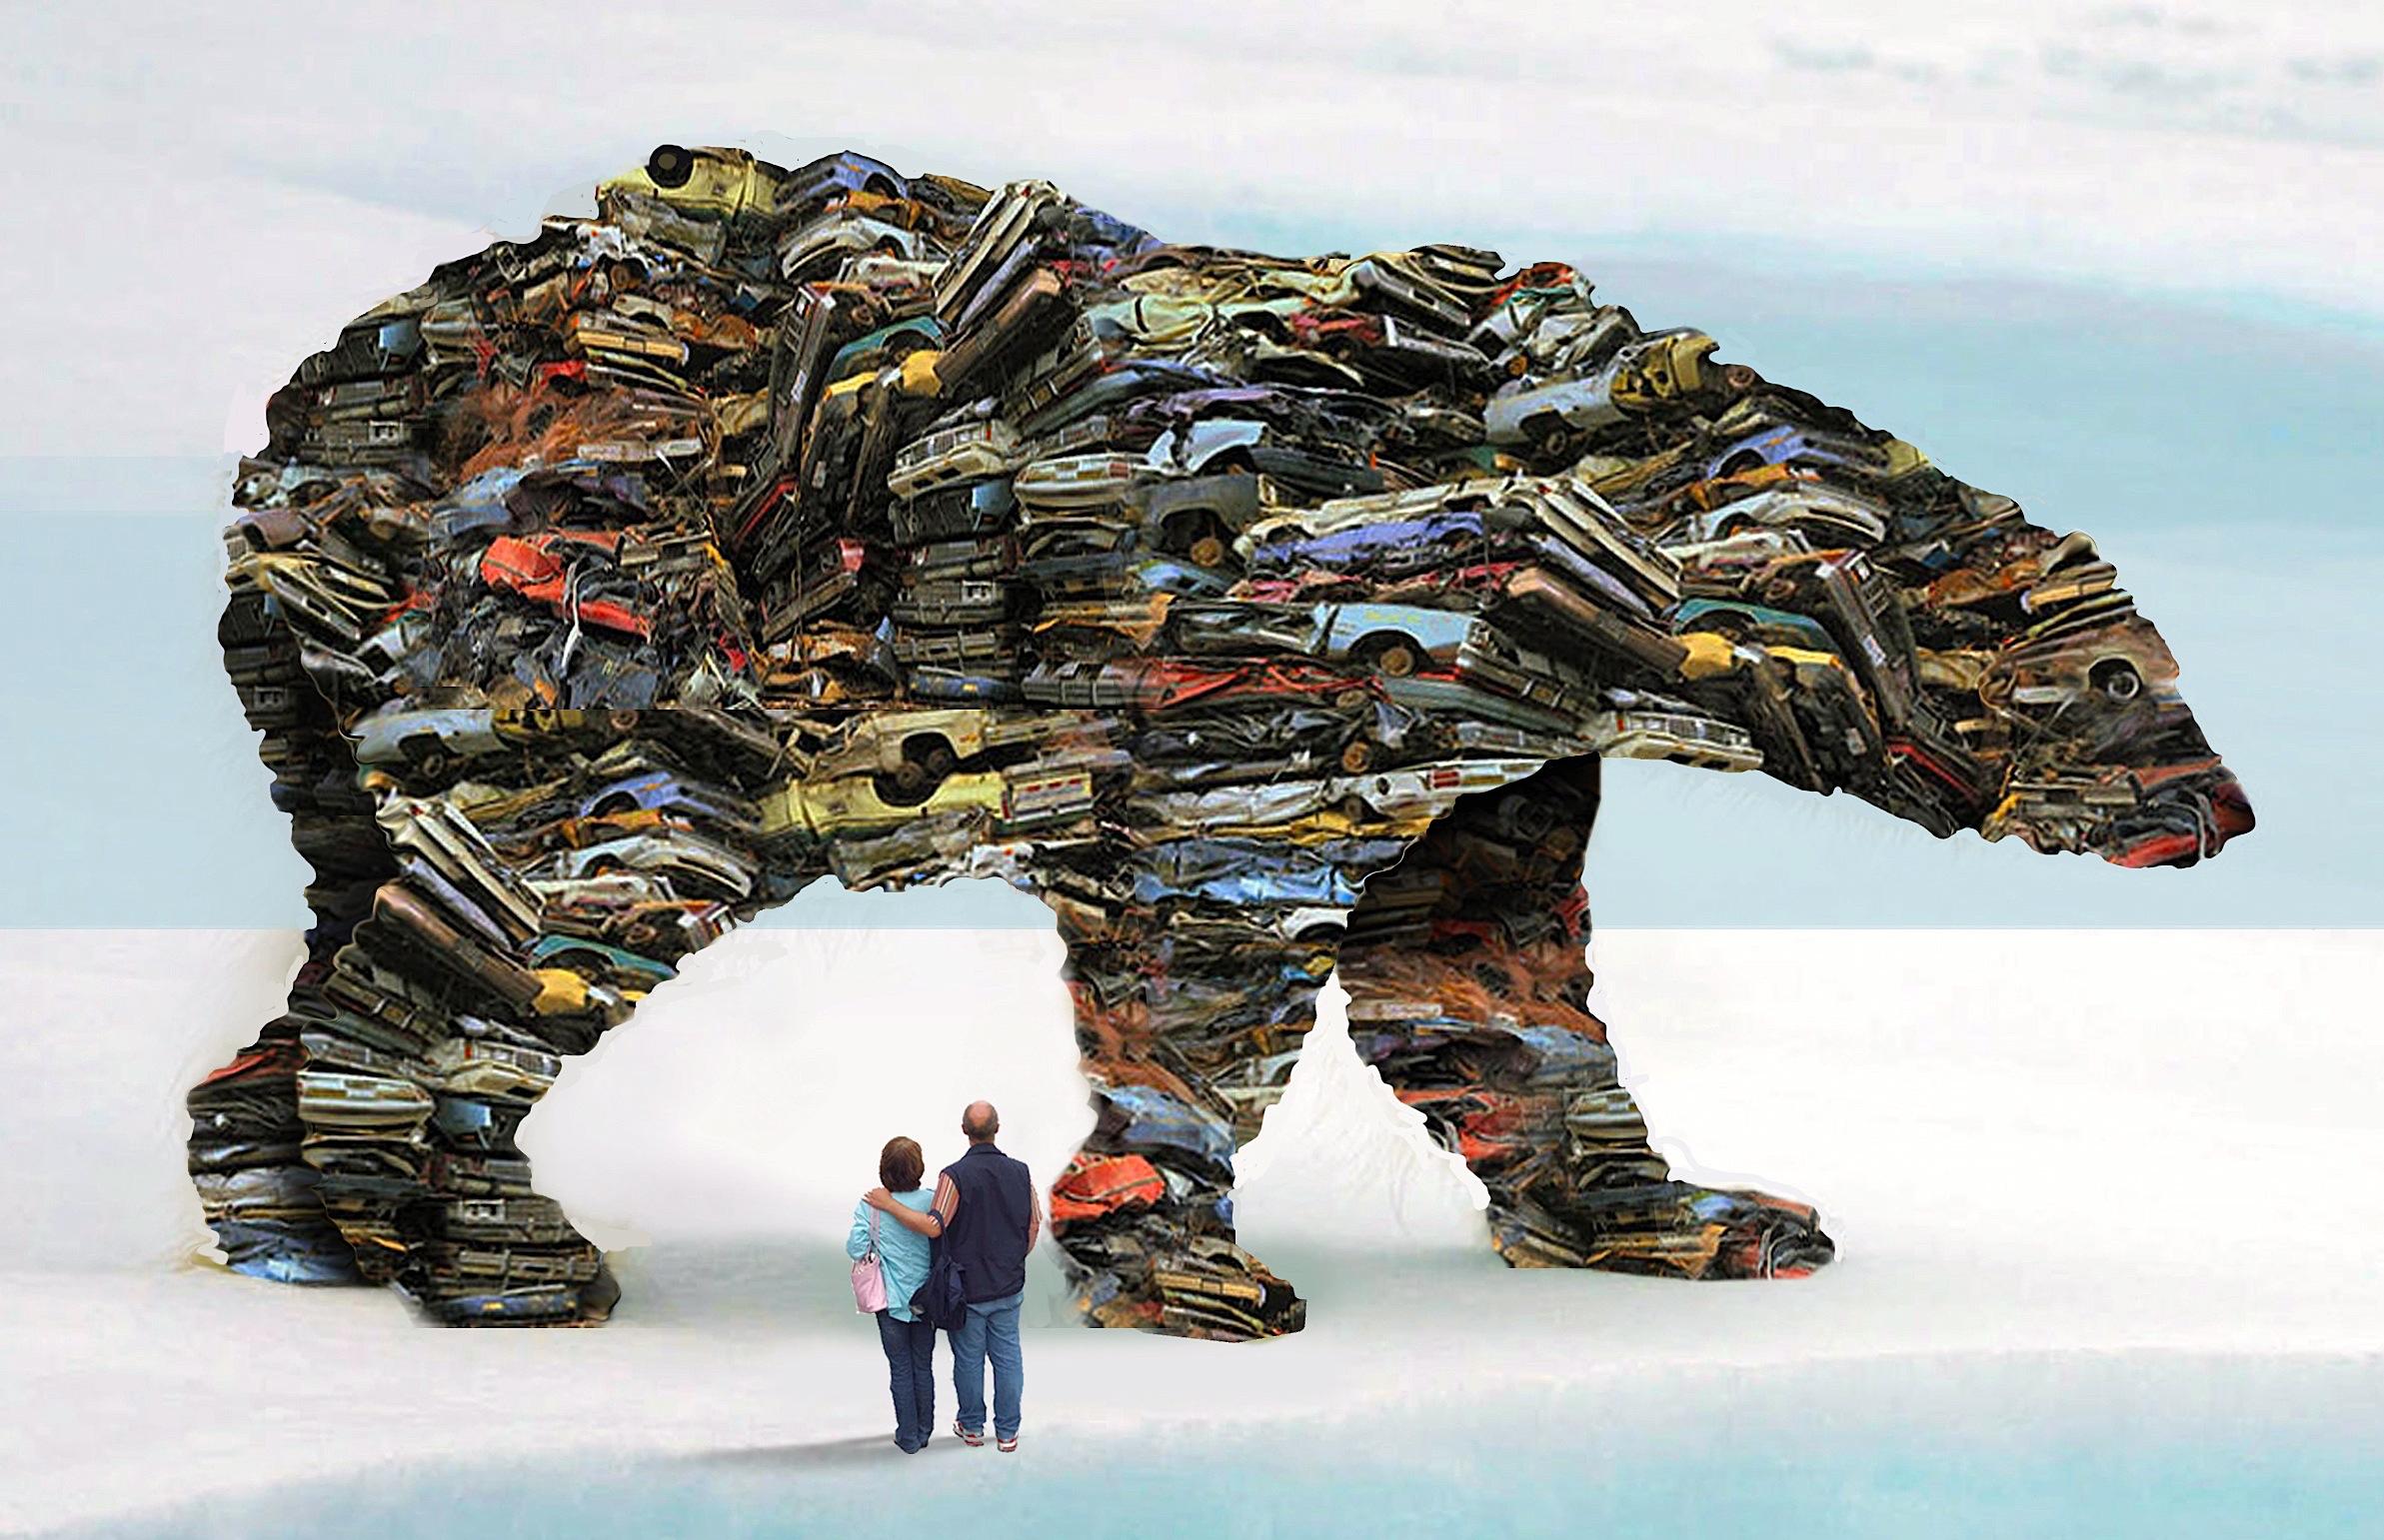 Gigantic rig bears scene 01